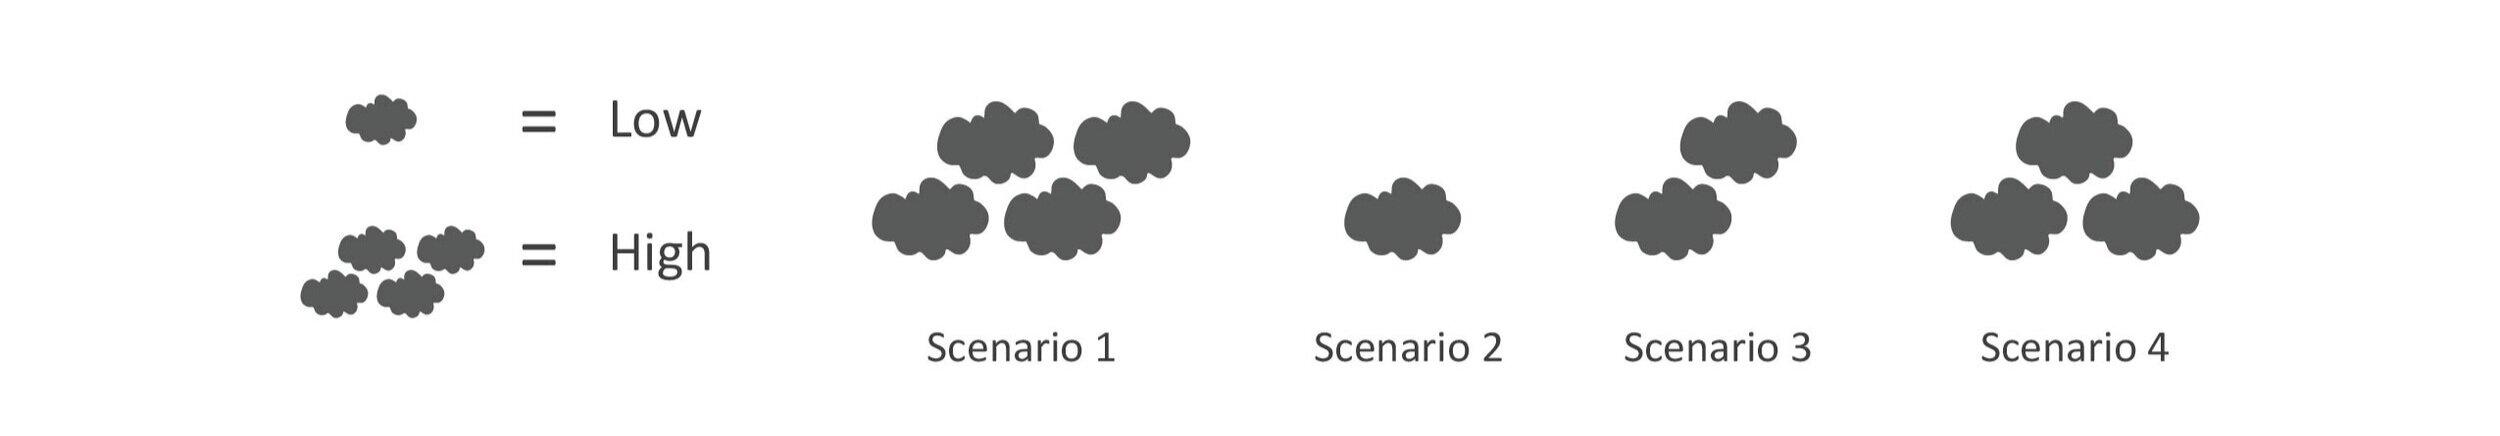 CO2_updatewithlegend-07.jpg